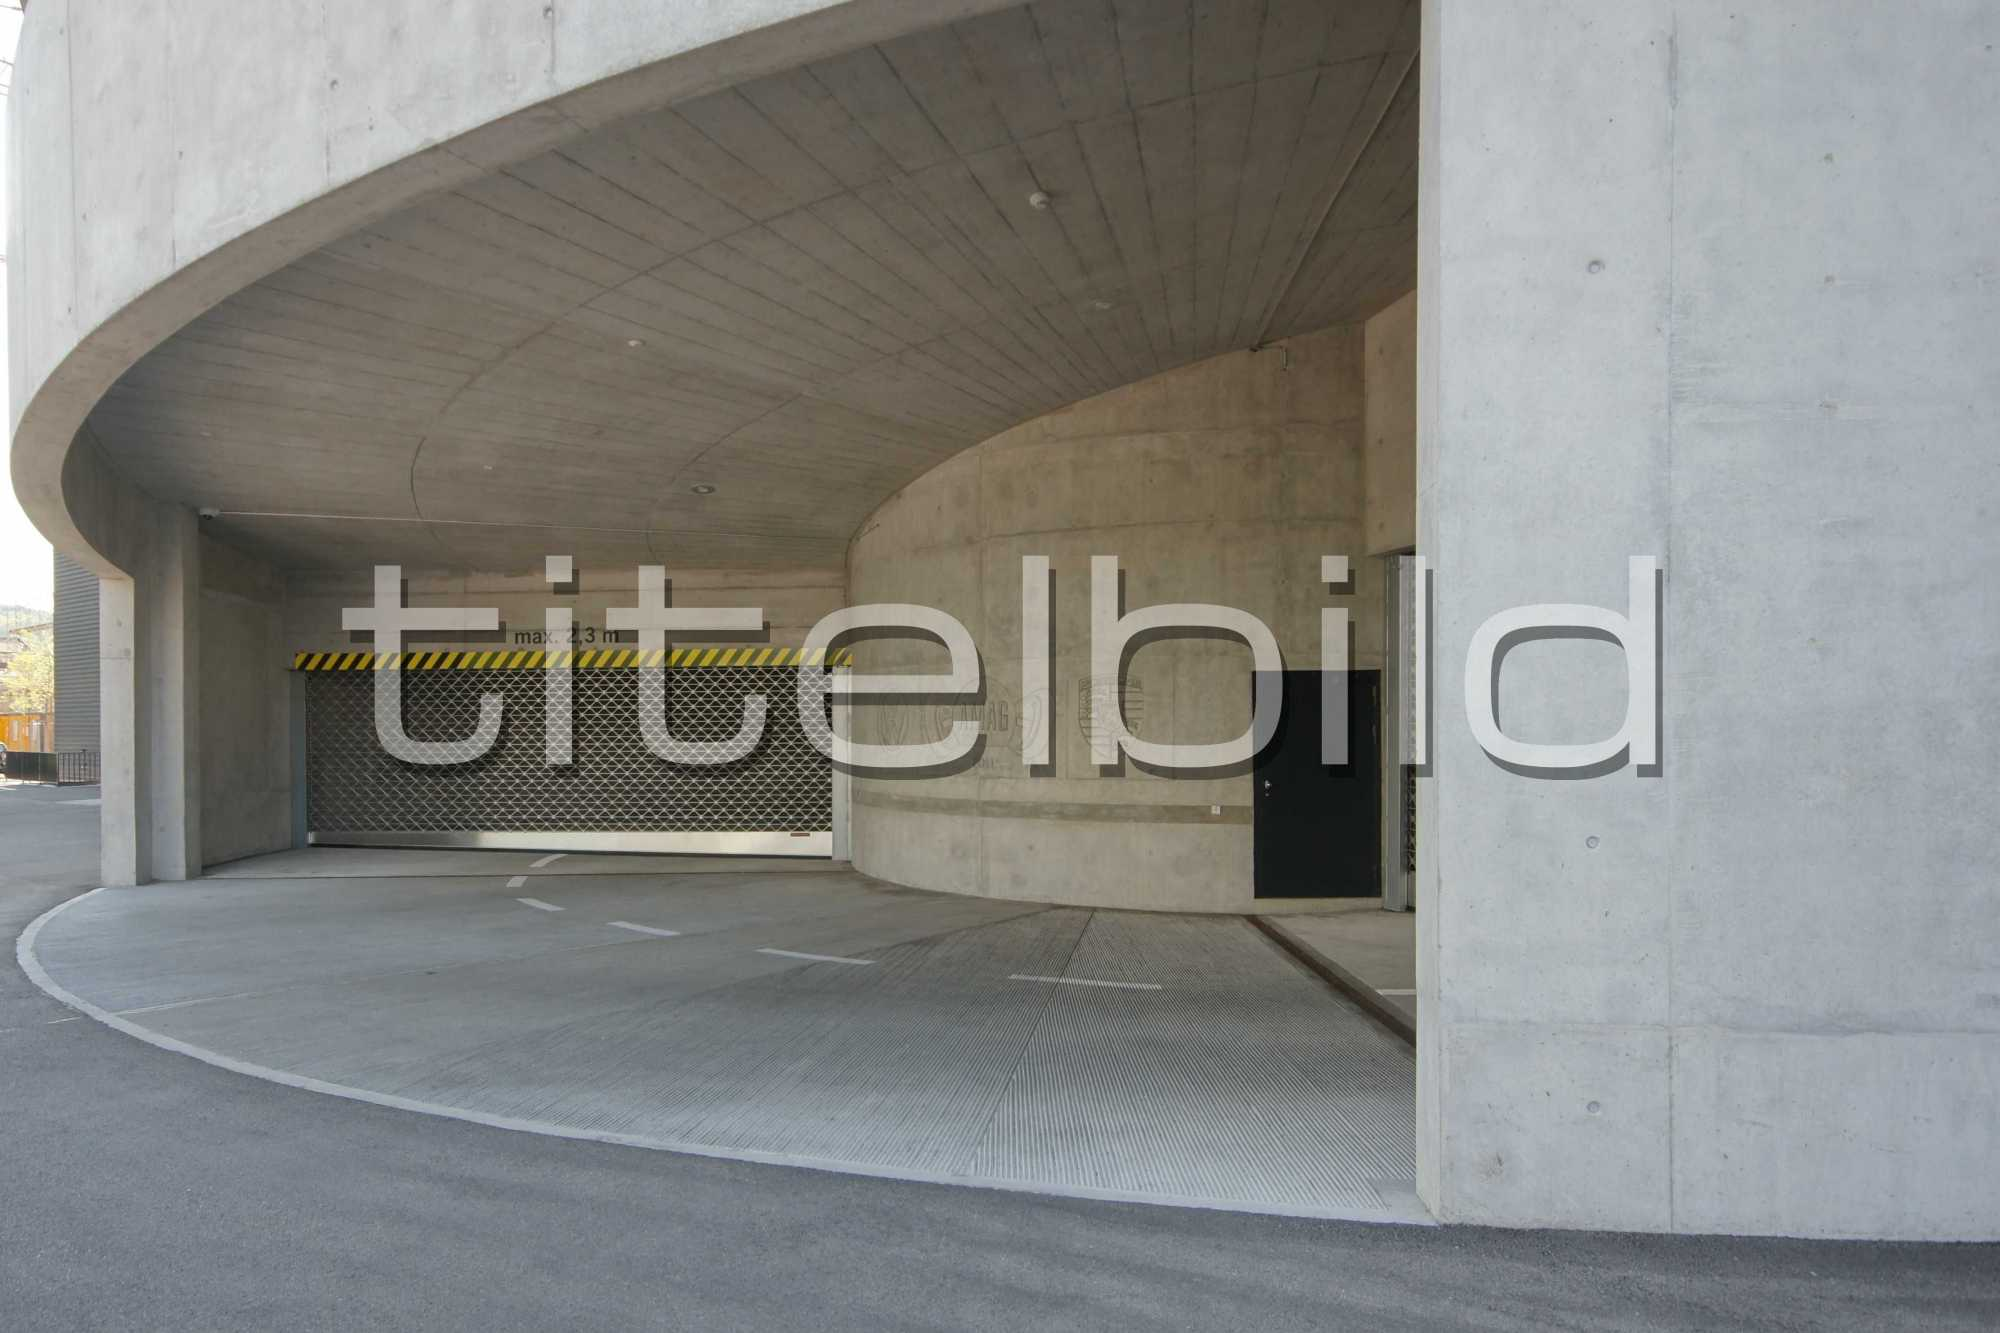 Projektbild-Nr. 9: Porsche Zentrum und VW Center - AMAG RETAIL Schlieren